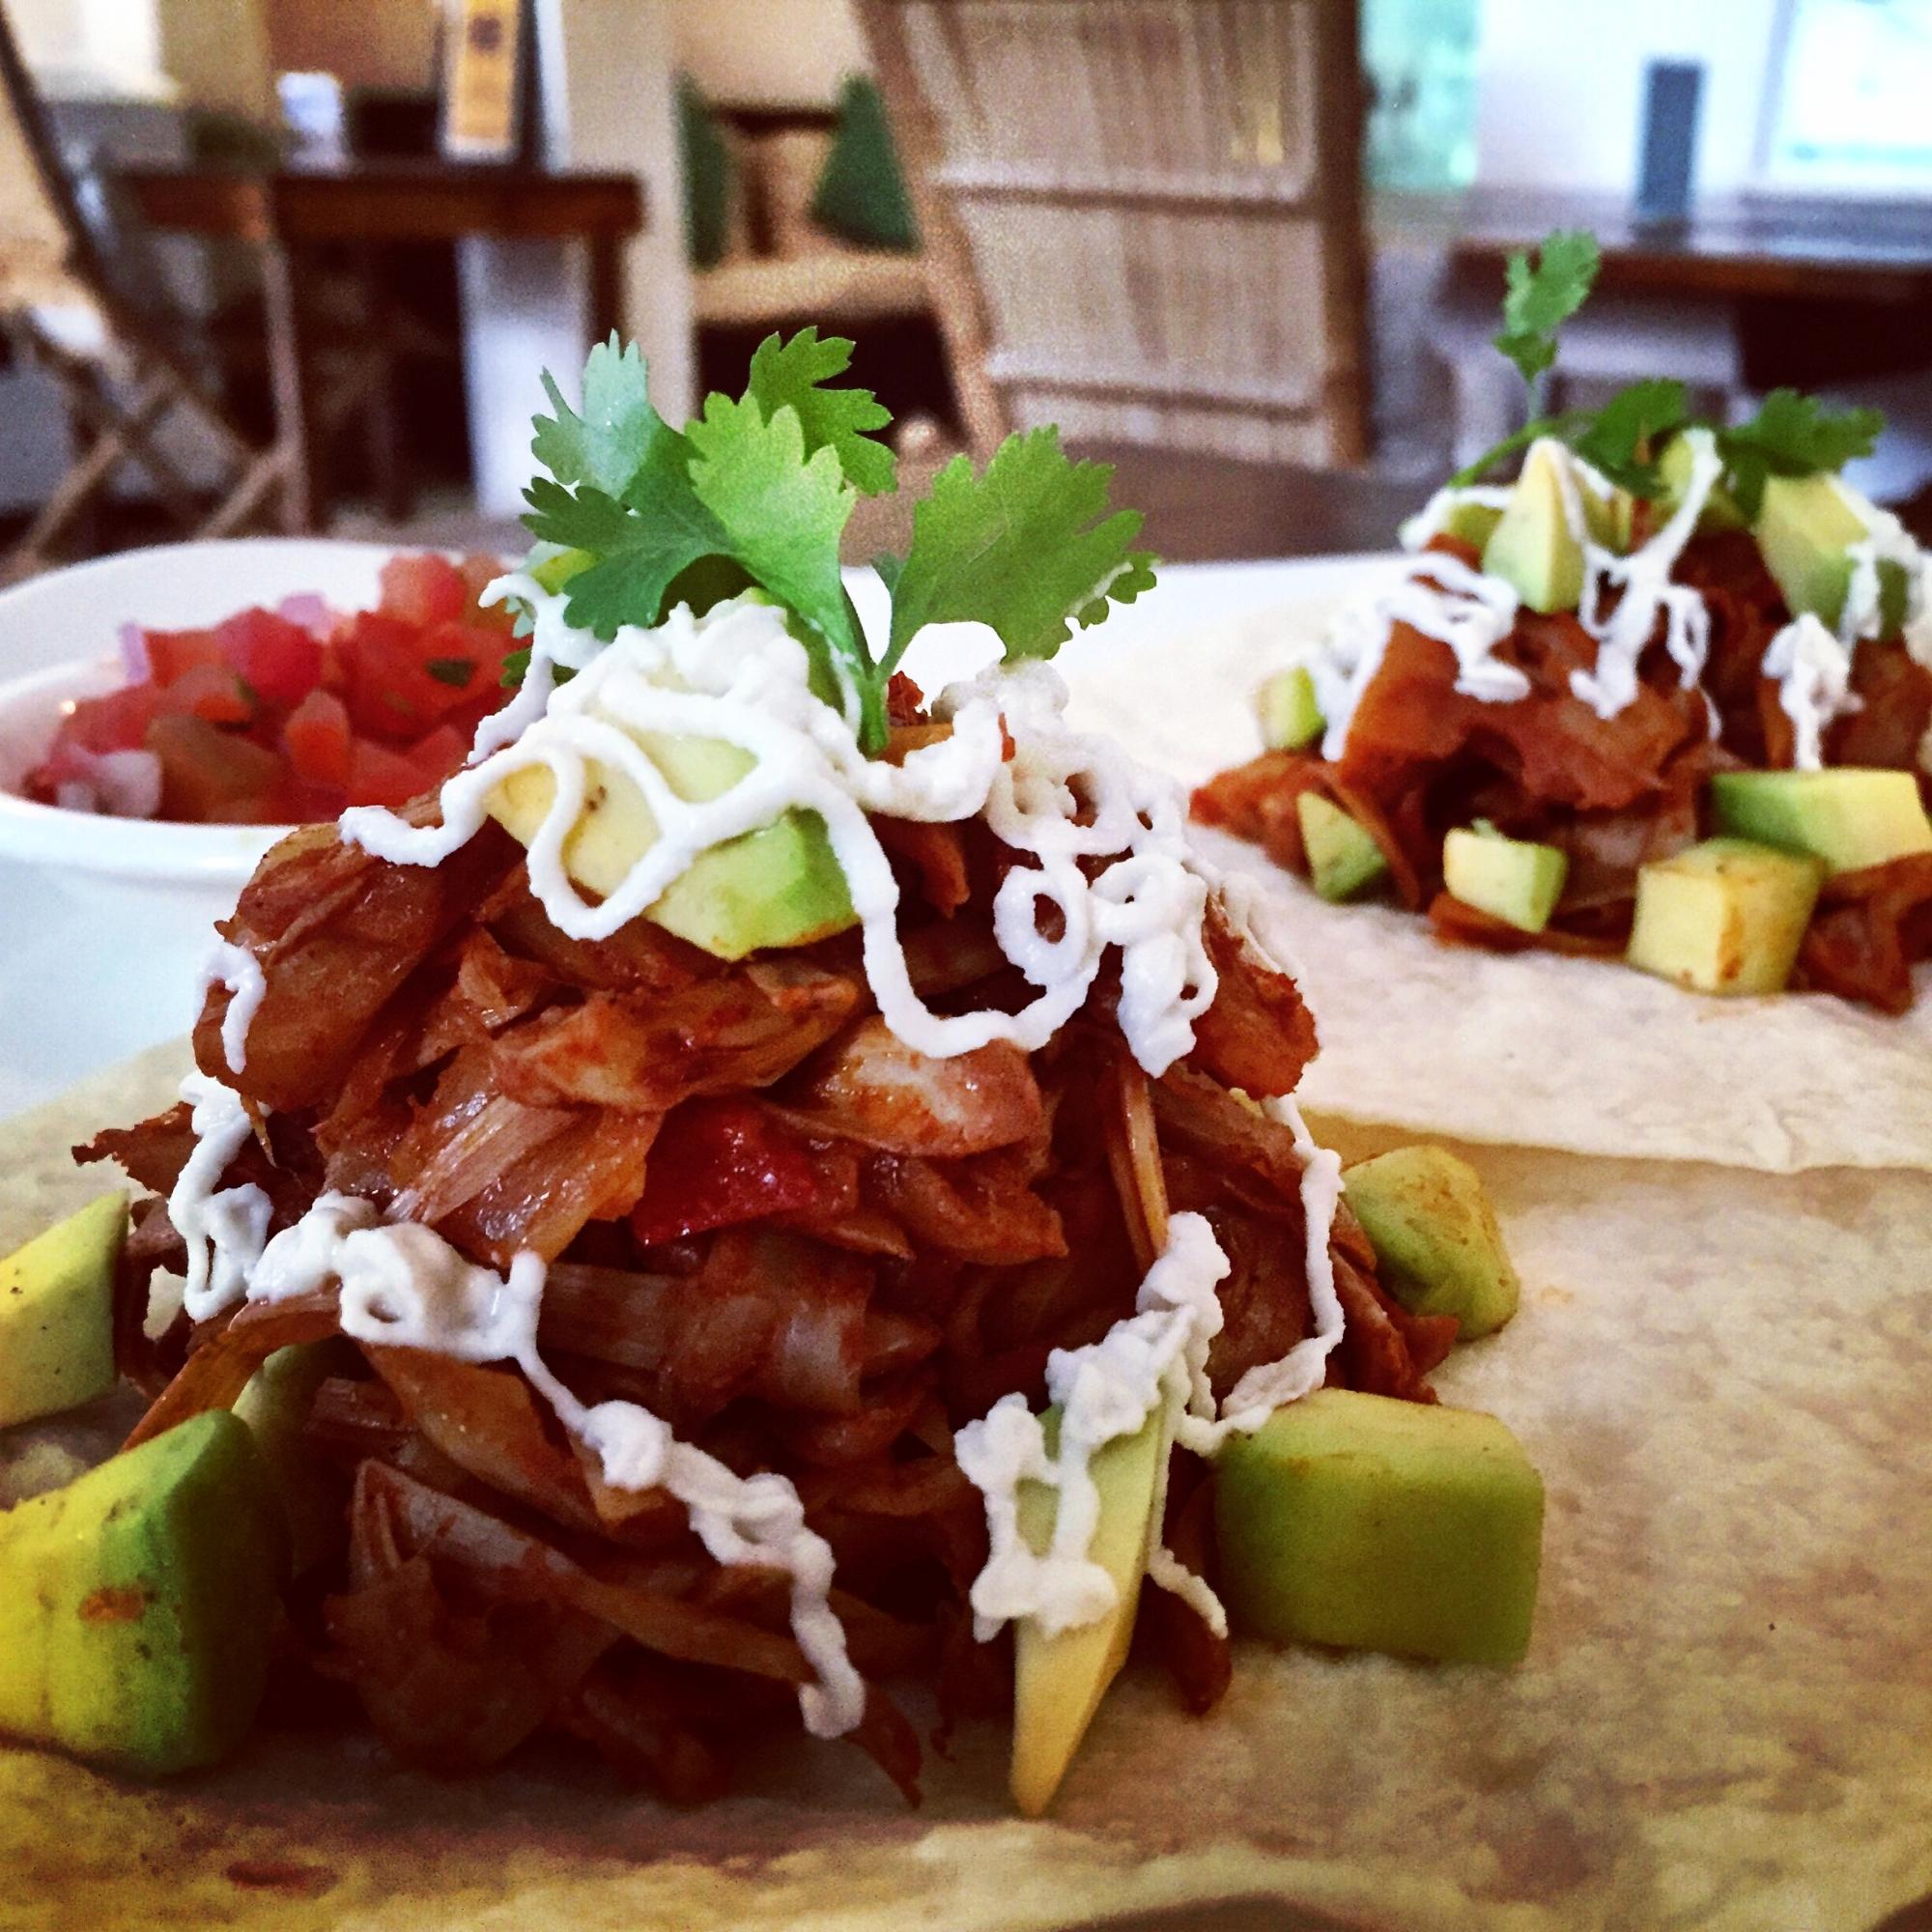 Vegan tacos at Backyard Cafe